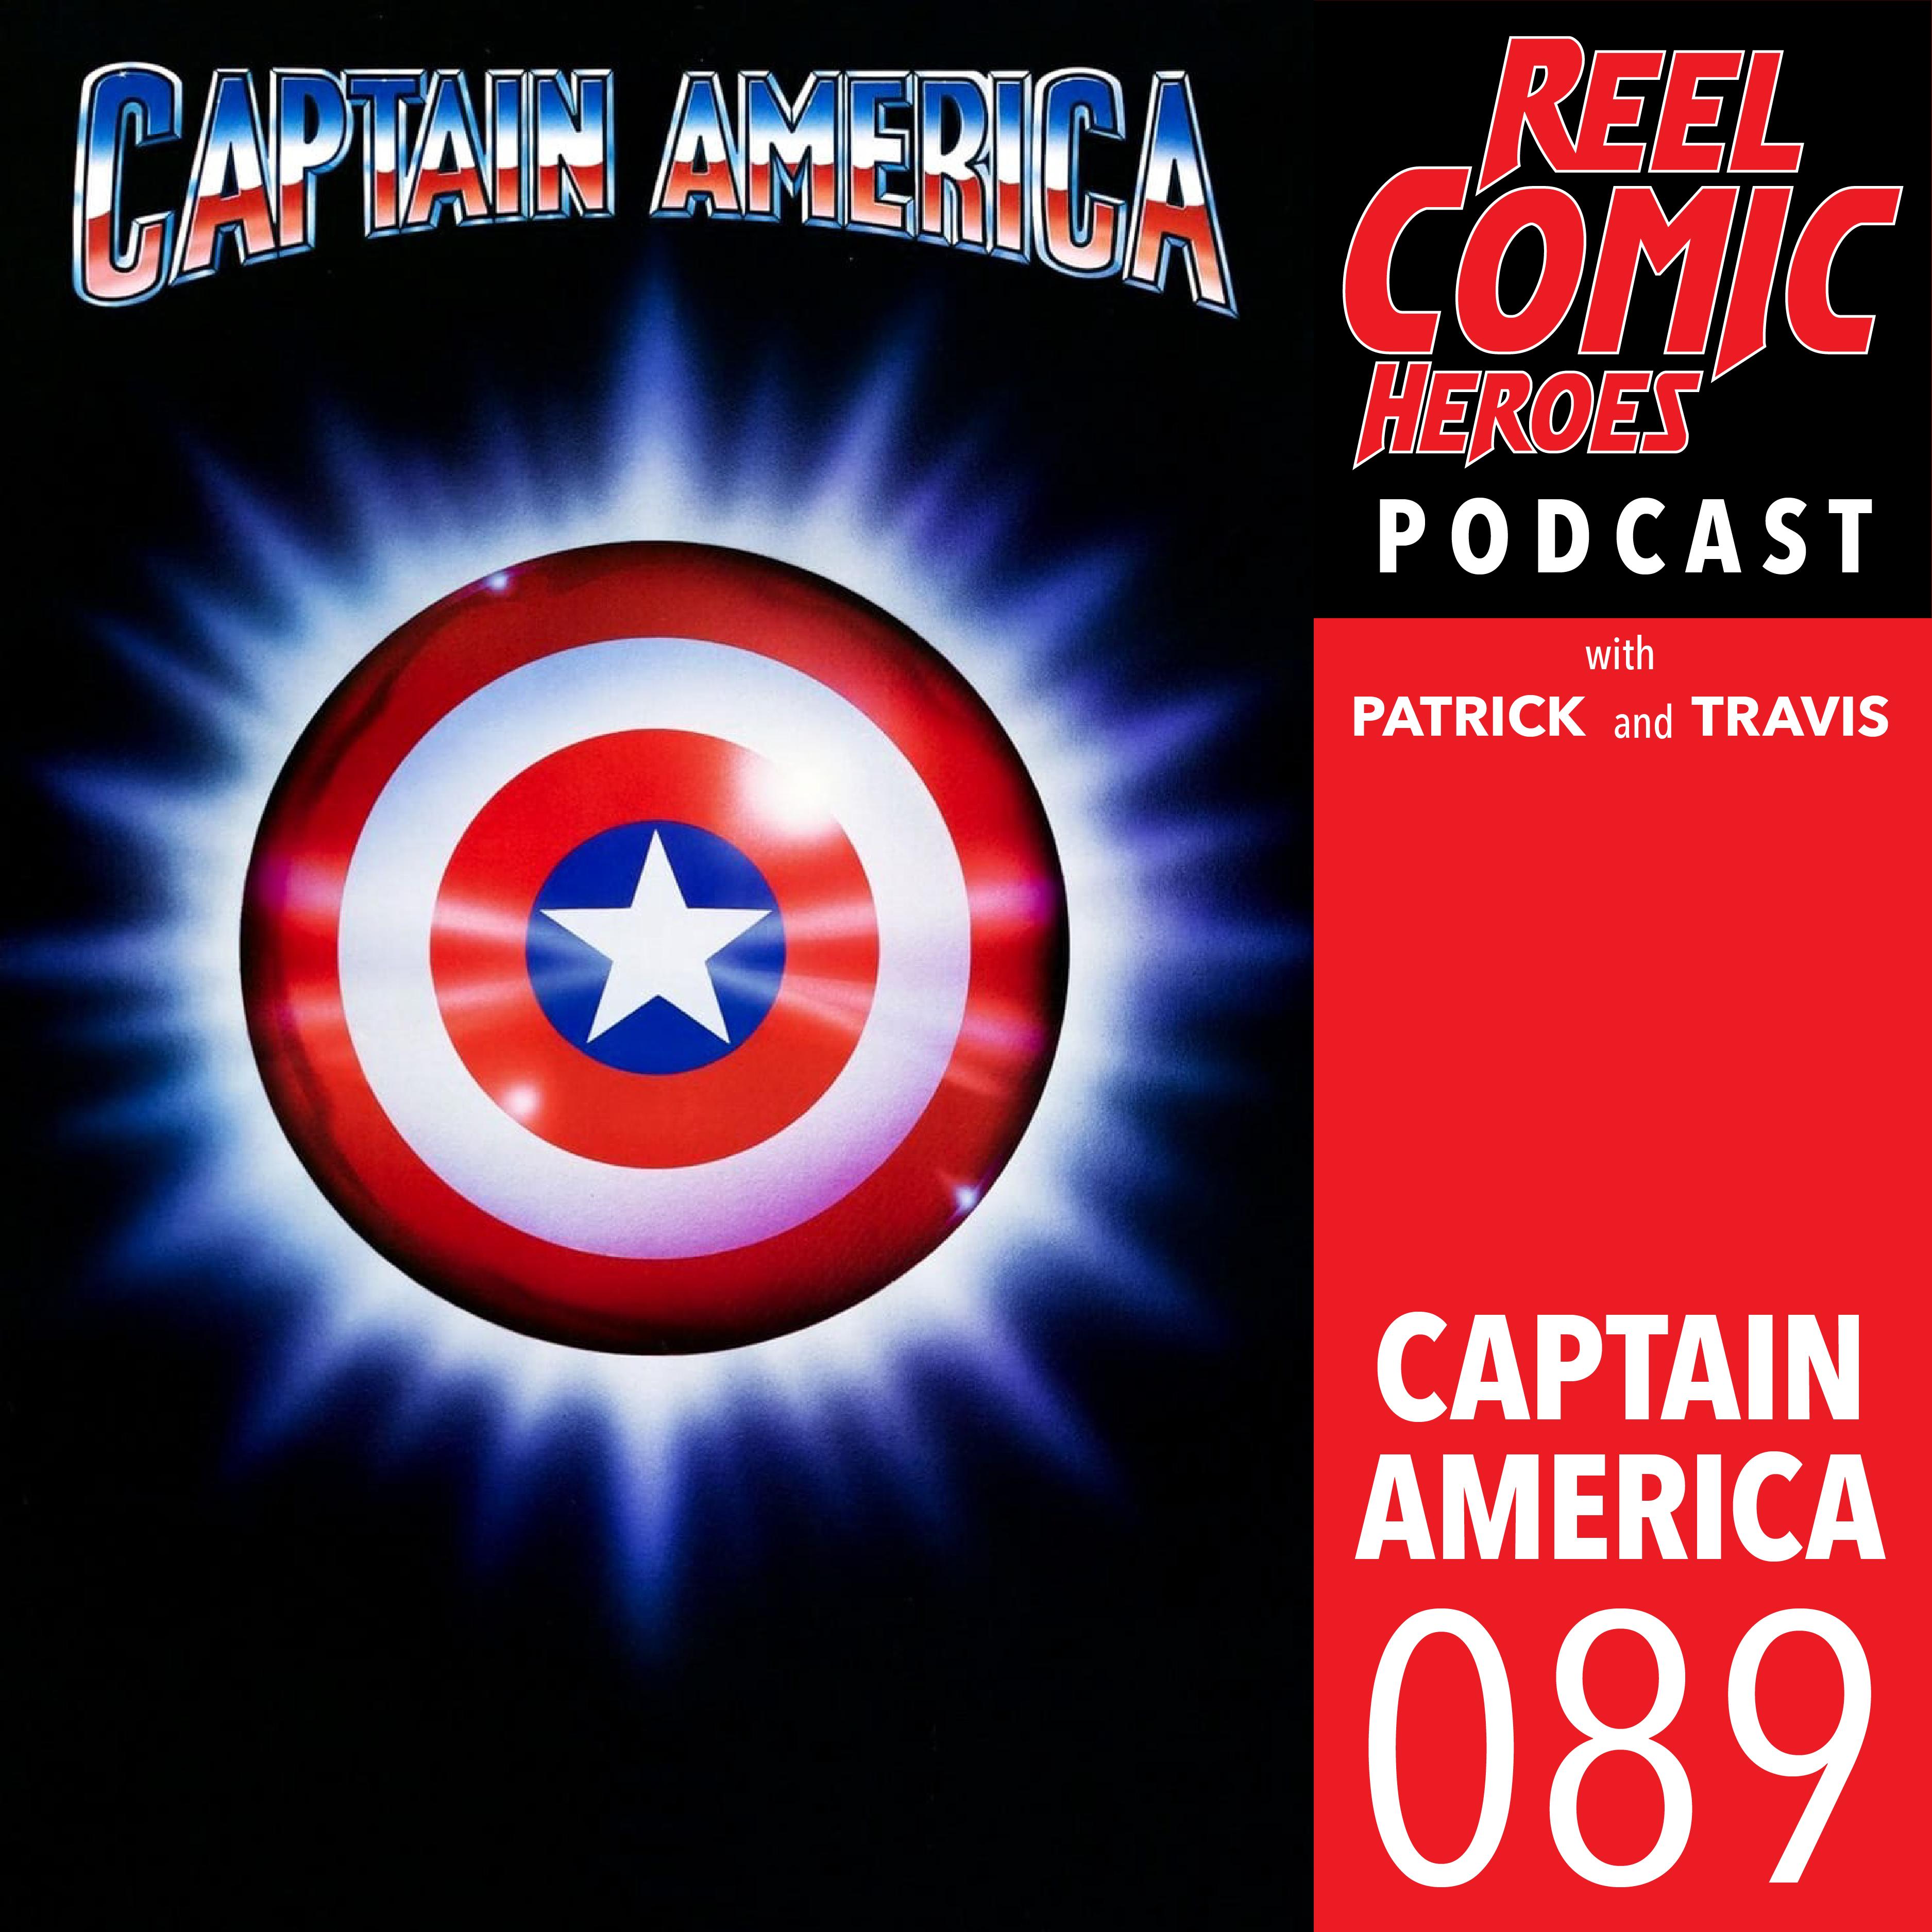 Artwork for 089 - Captain America